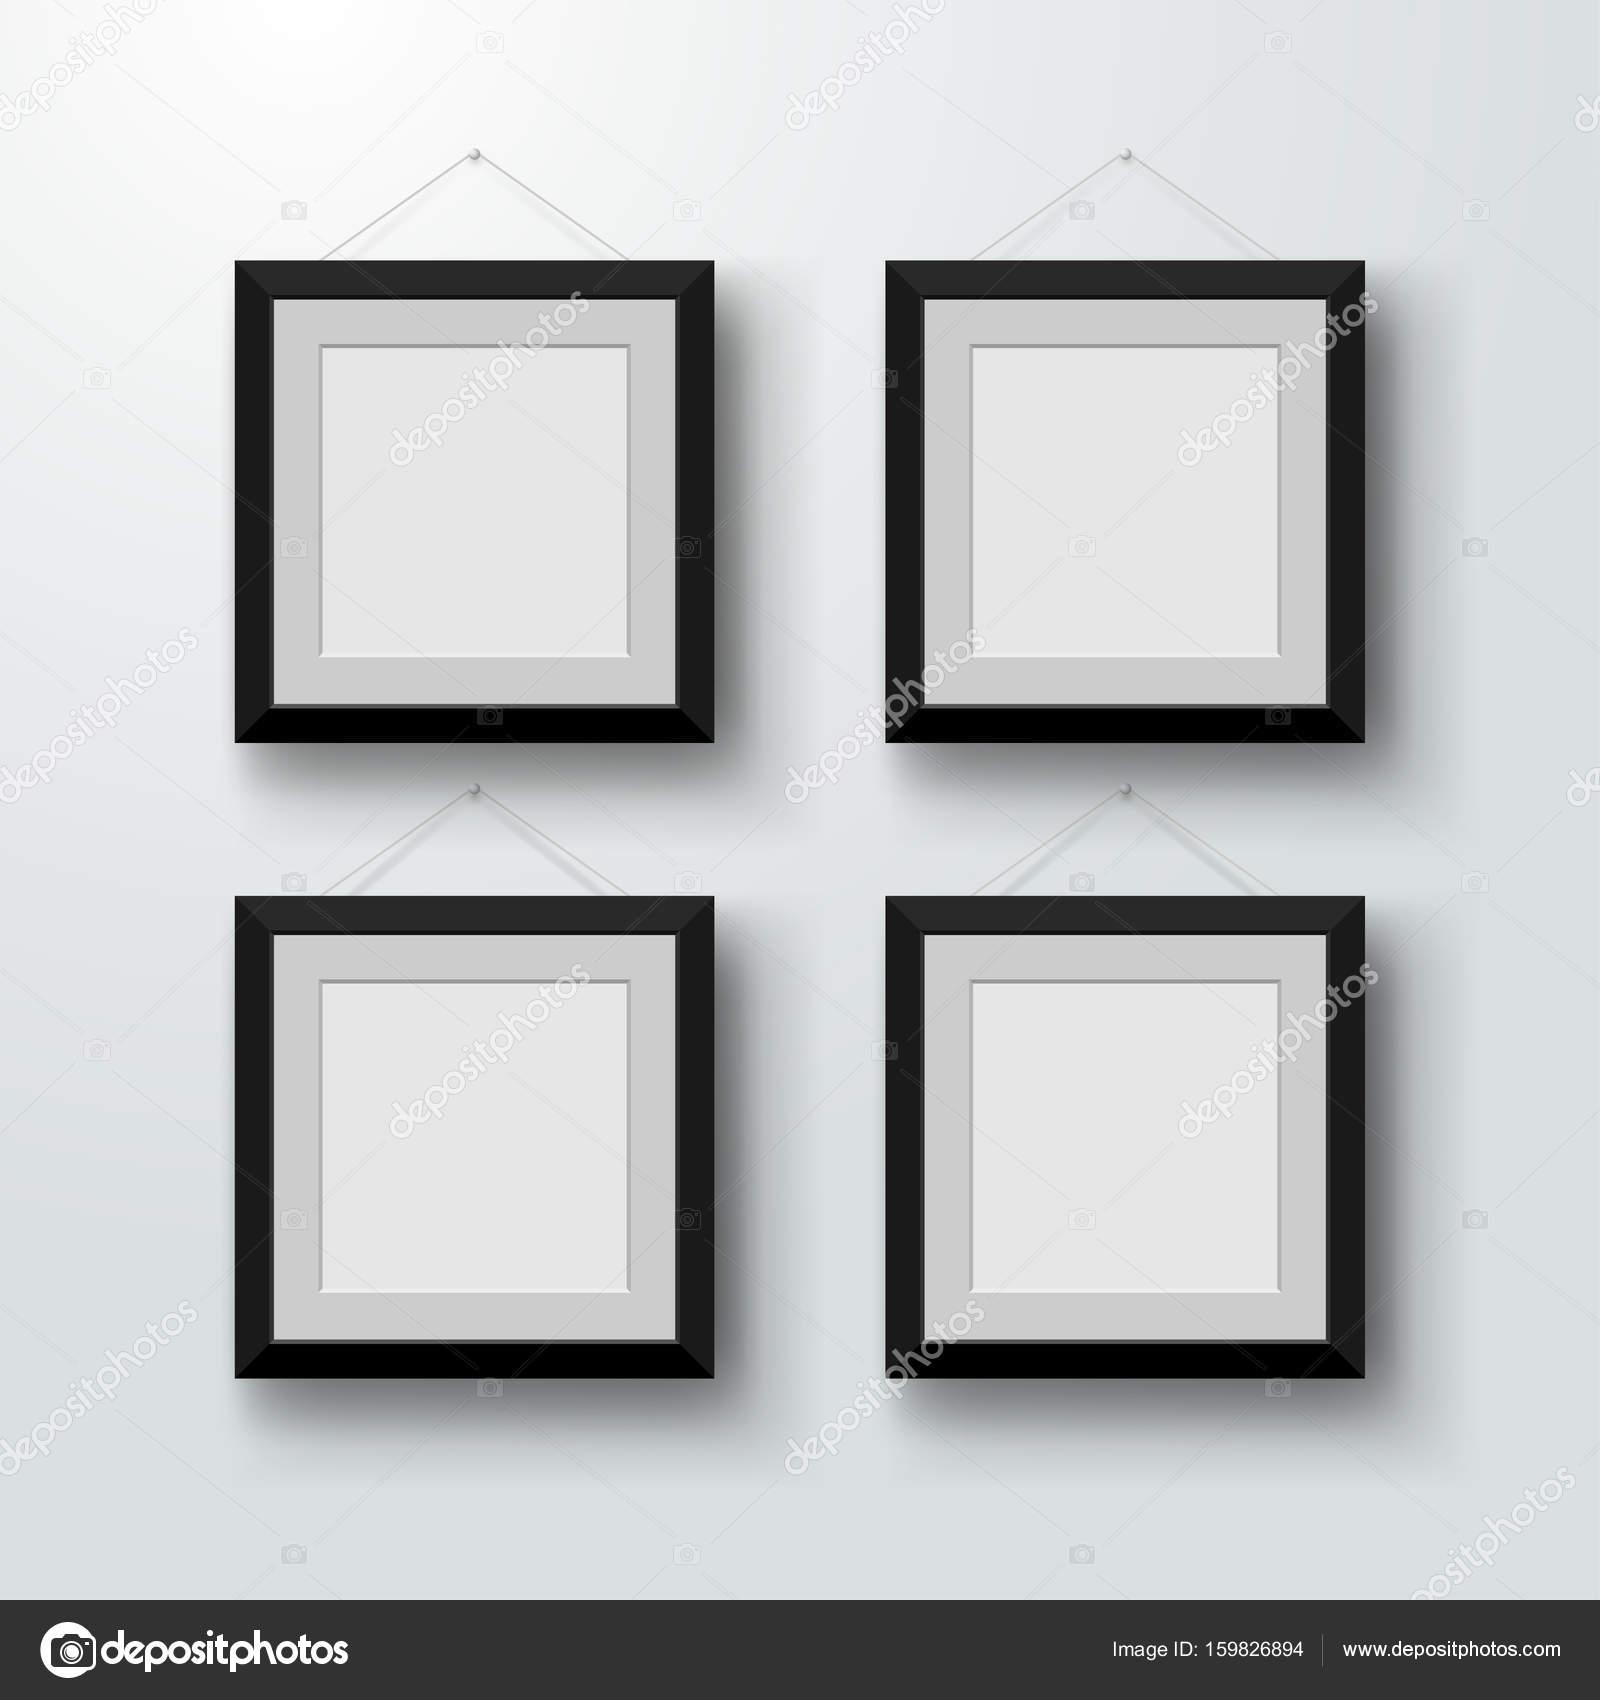 Leere Bilderrahmen an der Wand. Design für ein modernes Interieur ...